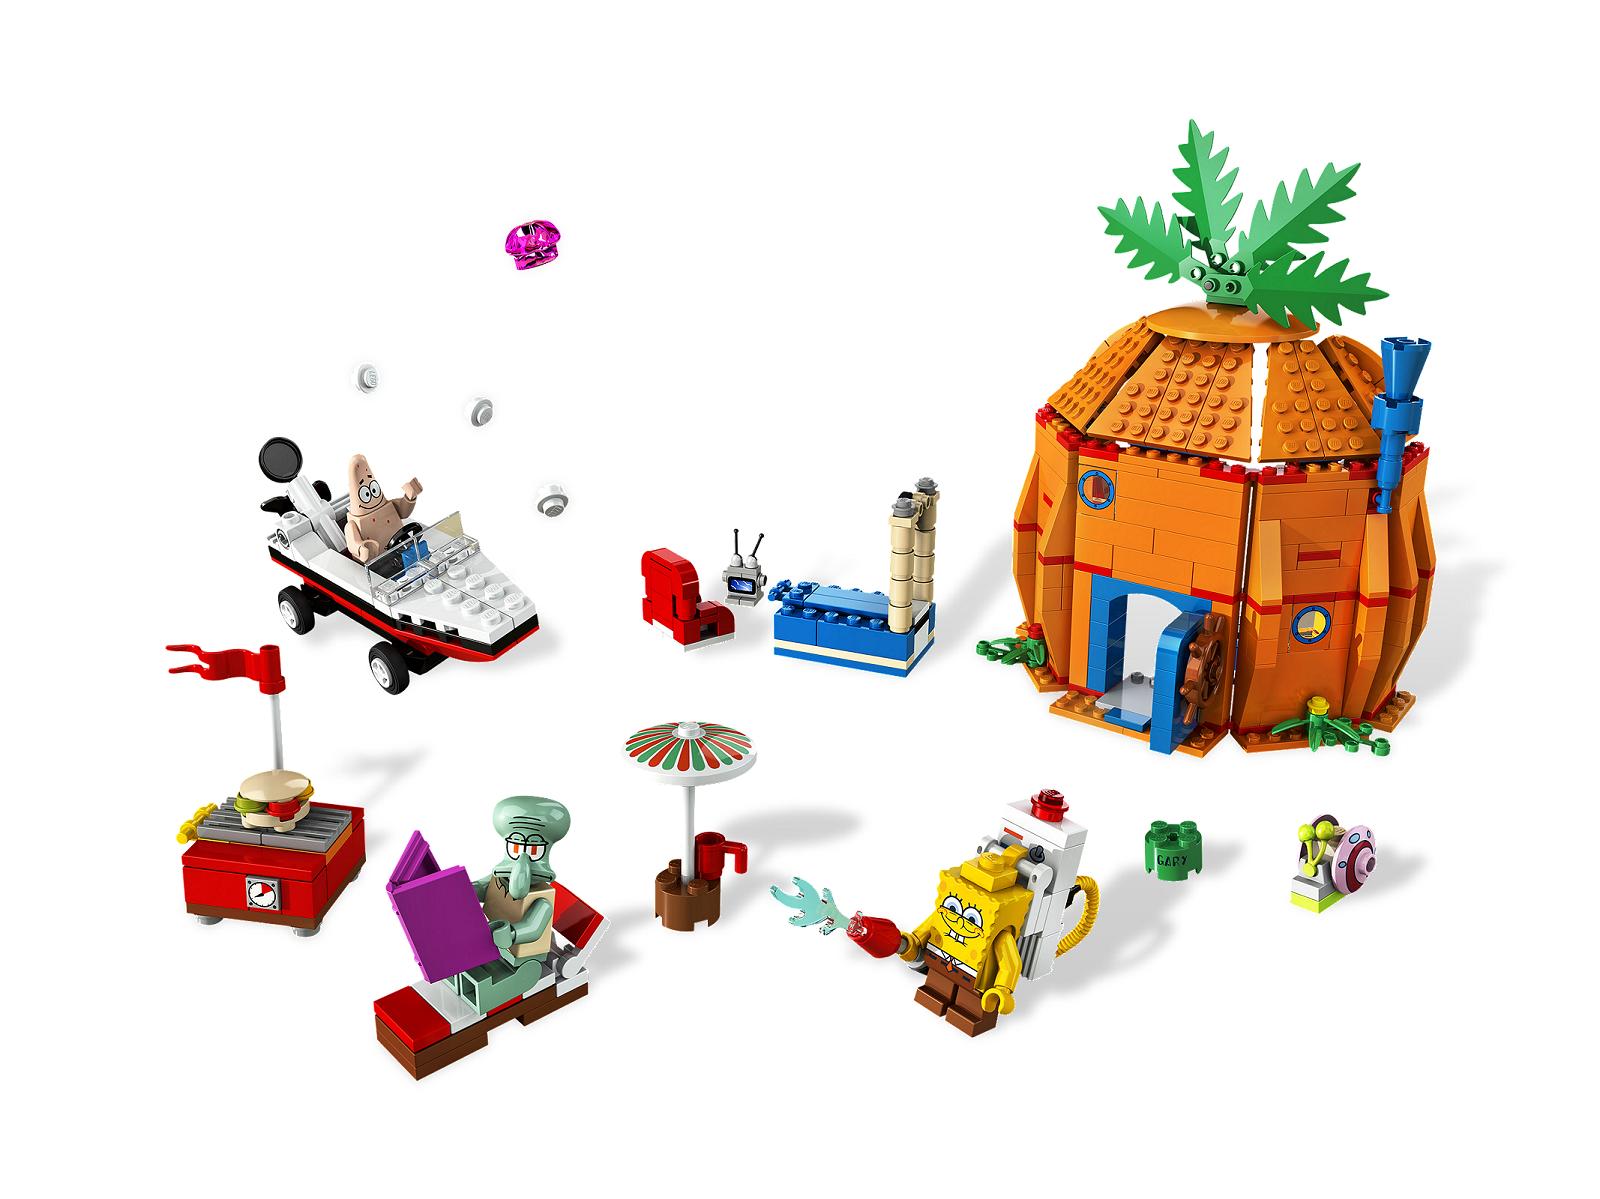 Lego 3834 Sponge Bob l'Eponge Good Neignbours complet + Notice de 2009 -CN162